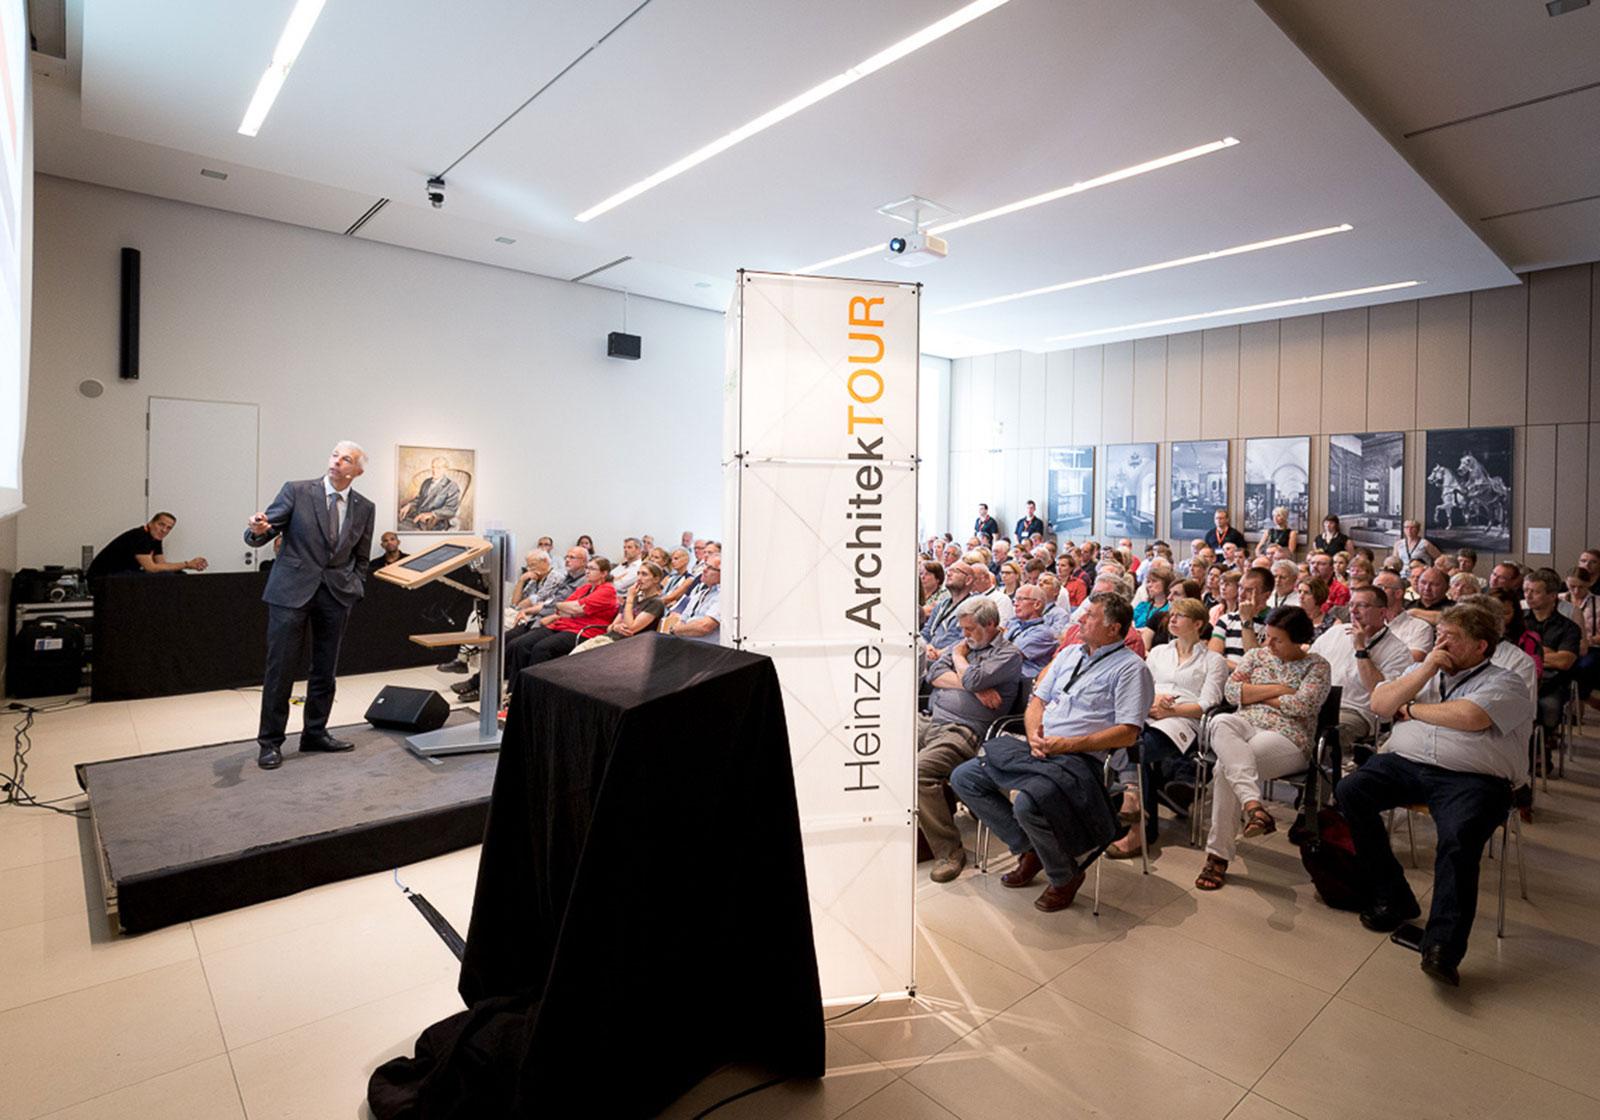 Серия интересных лекций Heinze ArchitekTOUR проводится в городах Германии уже шестой год подряд. Источник фото: Heinze GmbH, Celle